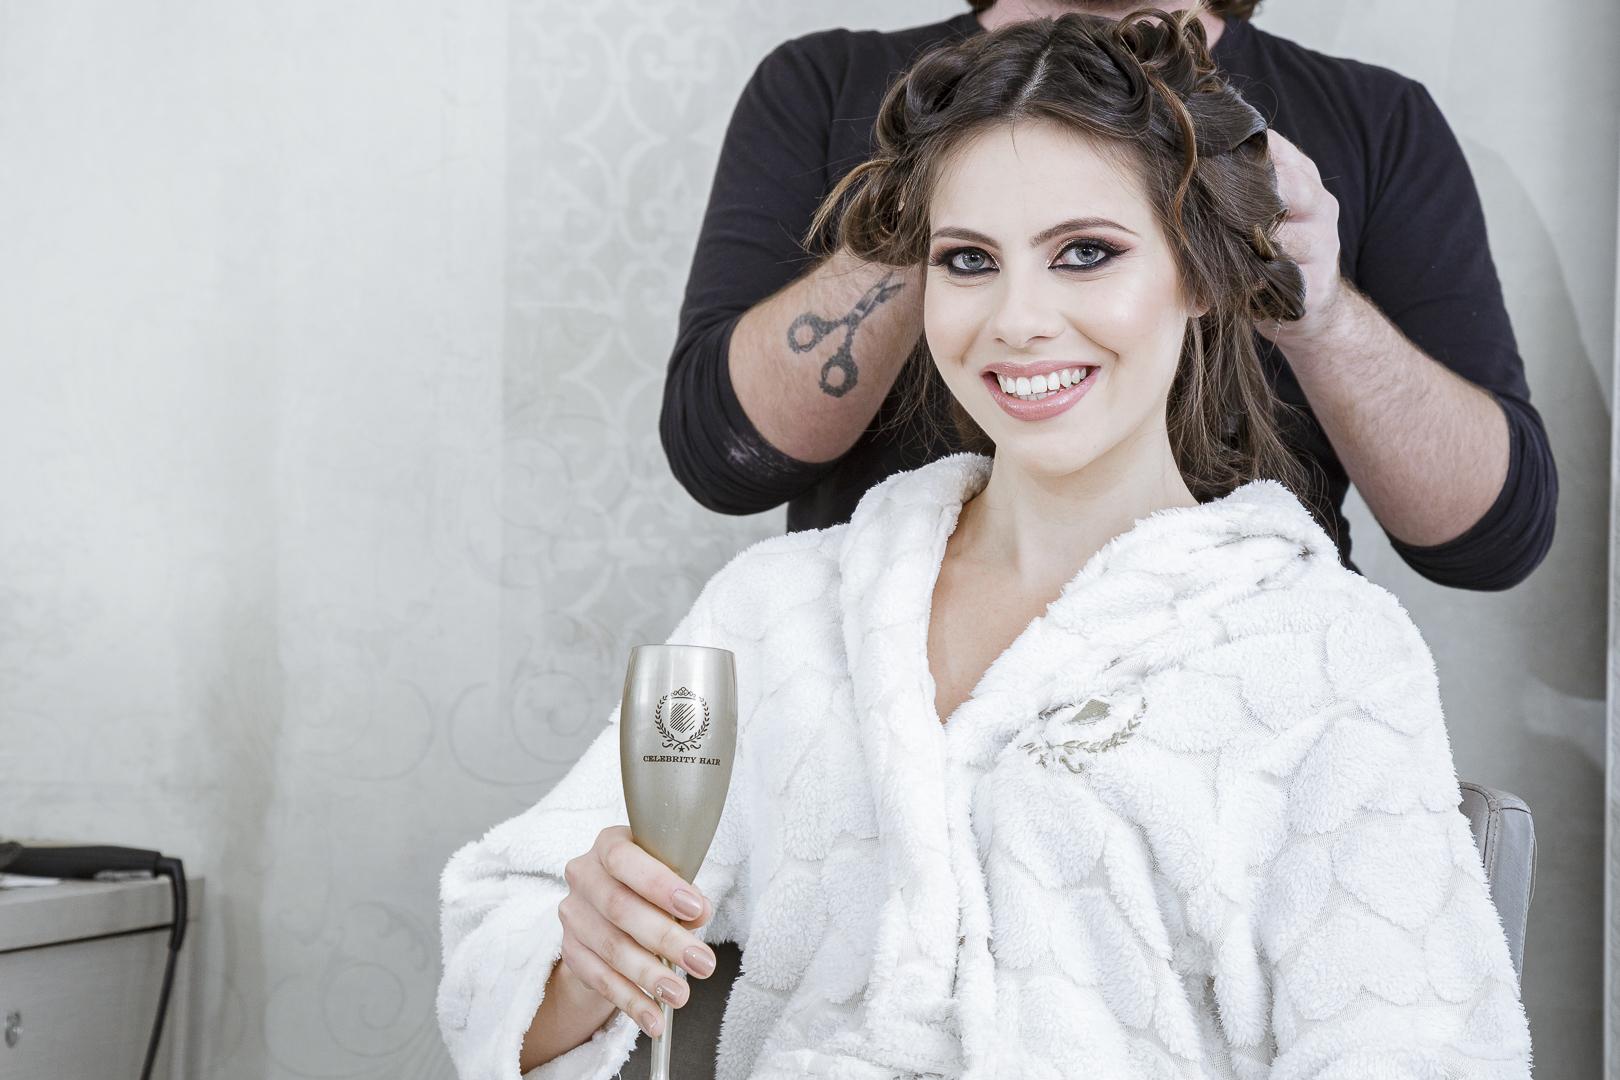 Contate Fabio Bueno - Fotografo de Casamento, Ensaios em Cabreúva - SP